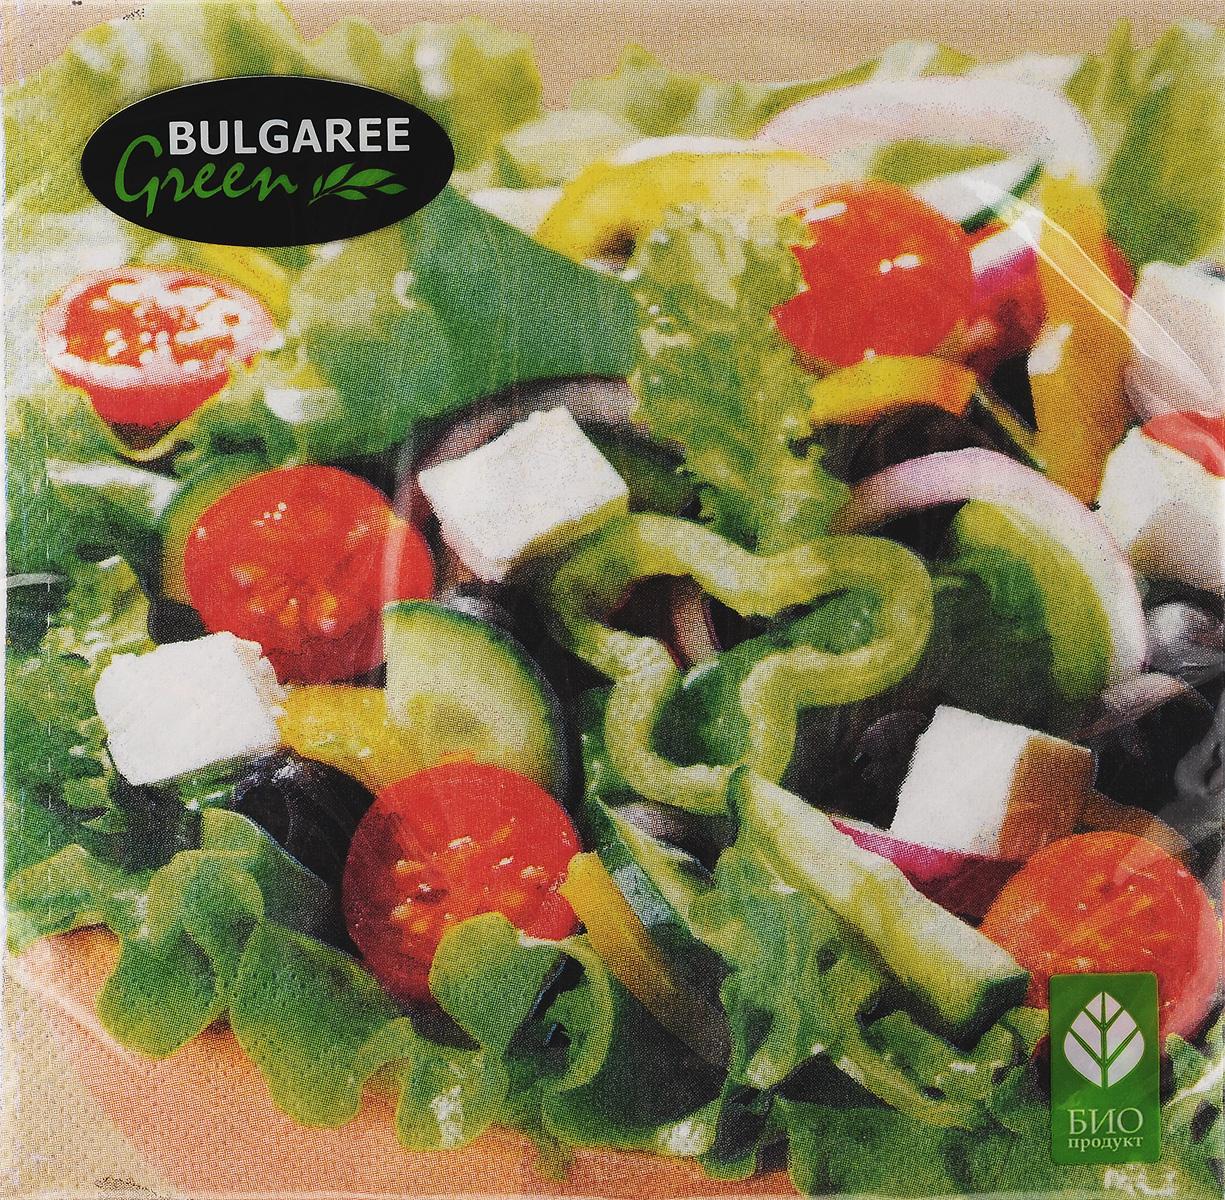 Салфетки бумажные Bulgaree Green Греческий салат, трехслойные, 33 х 33 см, 20 шт внешний аккумулятор xiaomi mi power bank 20000 белый